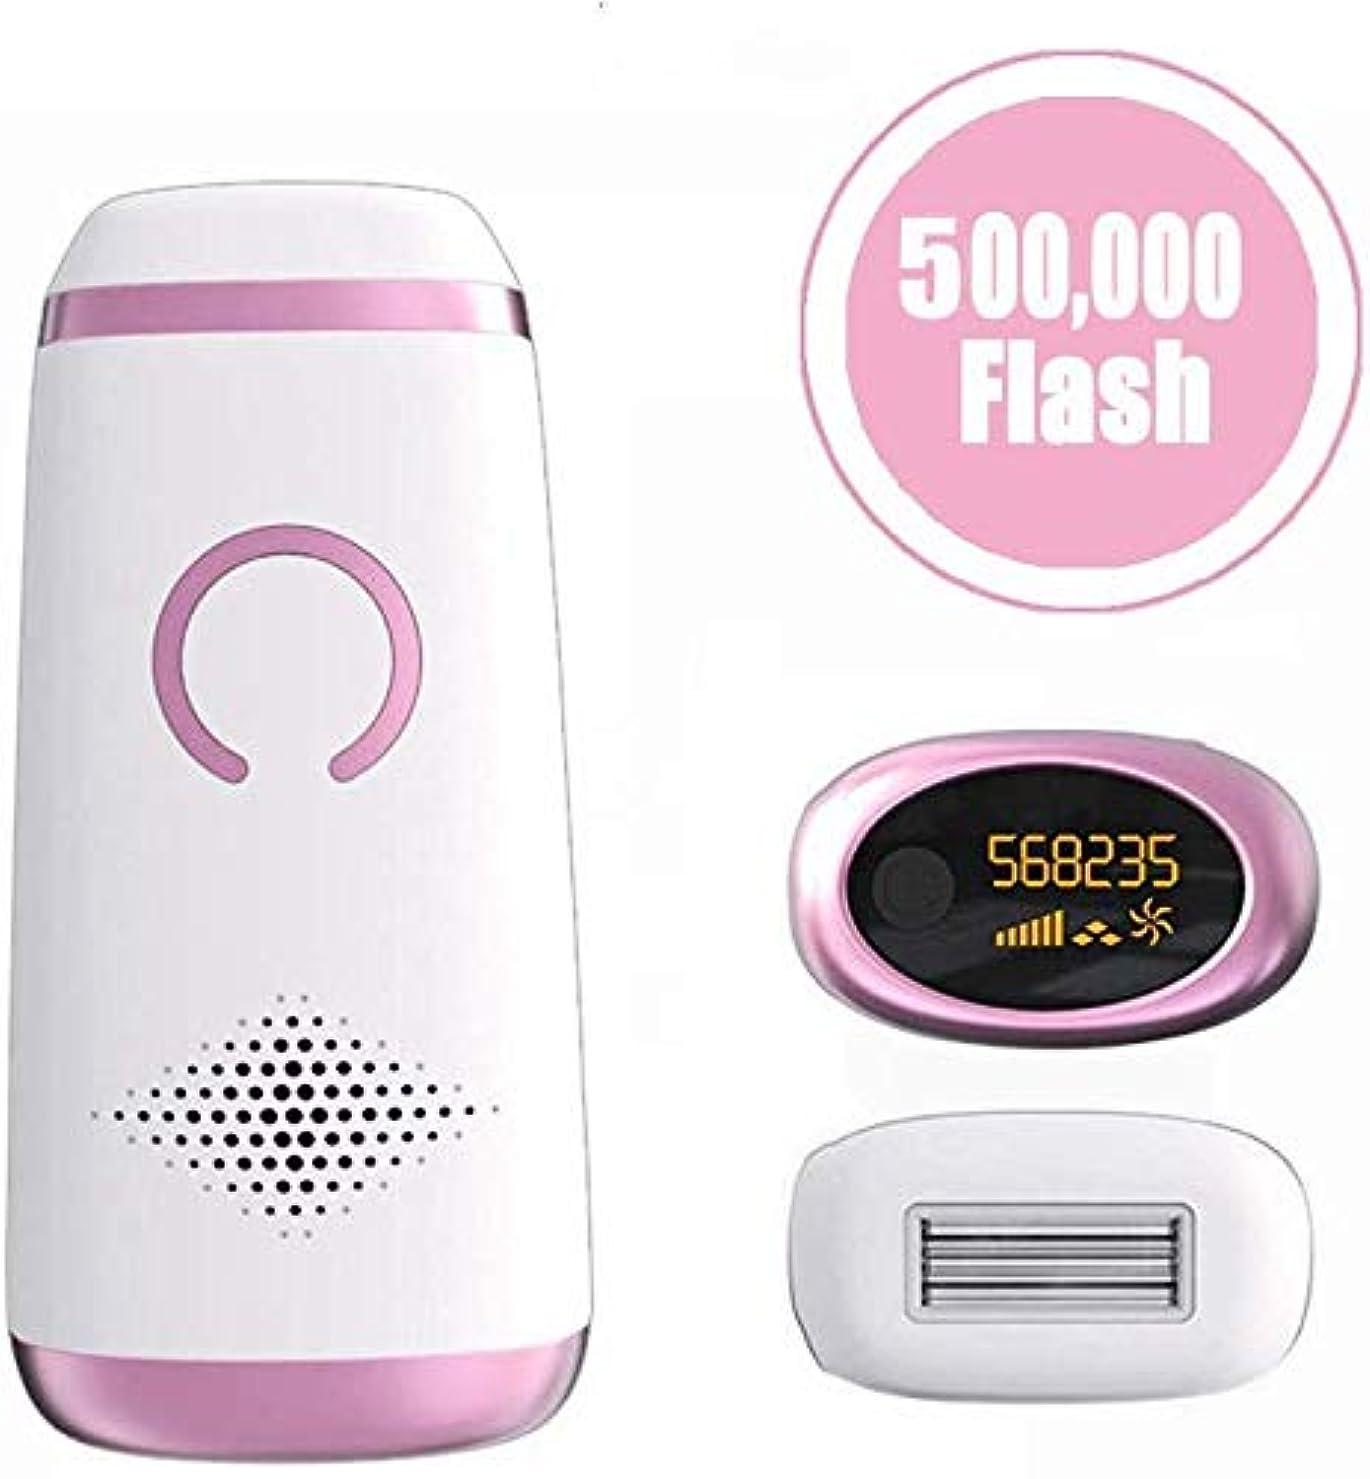 参照する陰気所有者HSBAIS 女性用脱毛システム、常設 無痛 レーザー脱毛器50万点滅 ビキニライン/足/腕/脇の下,White Pink